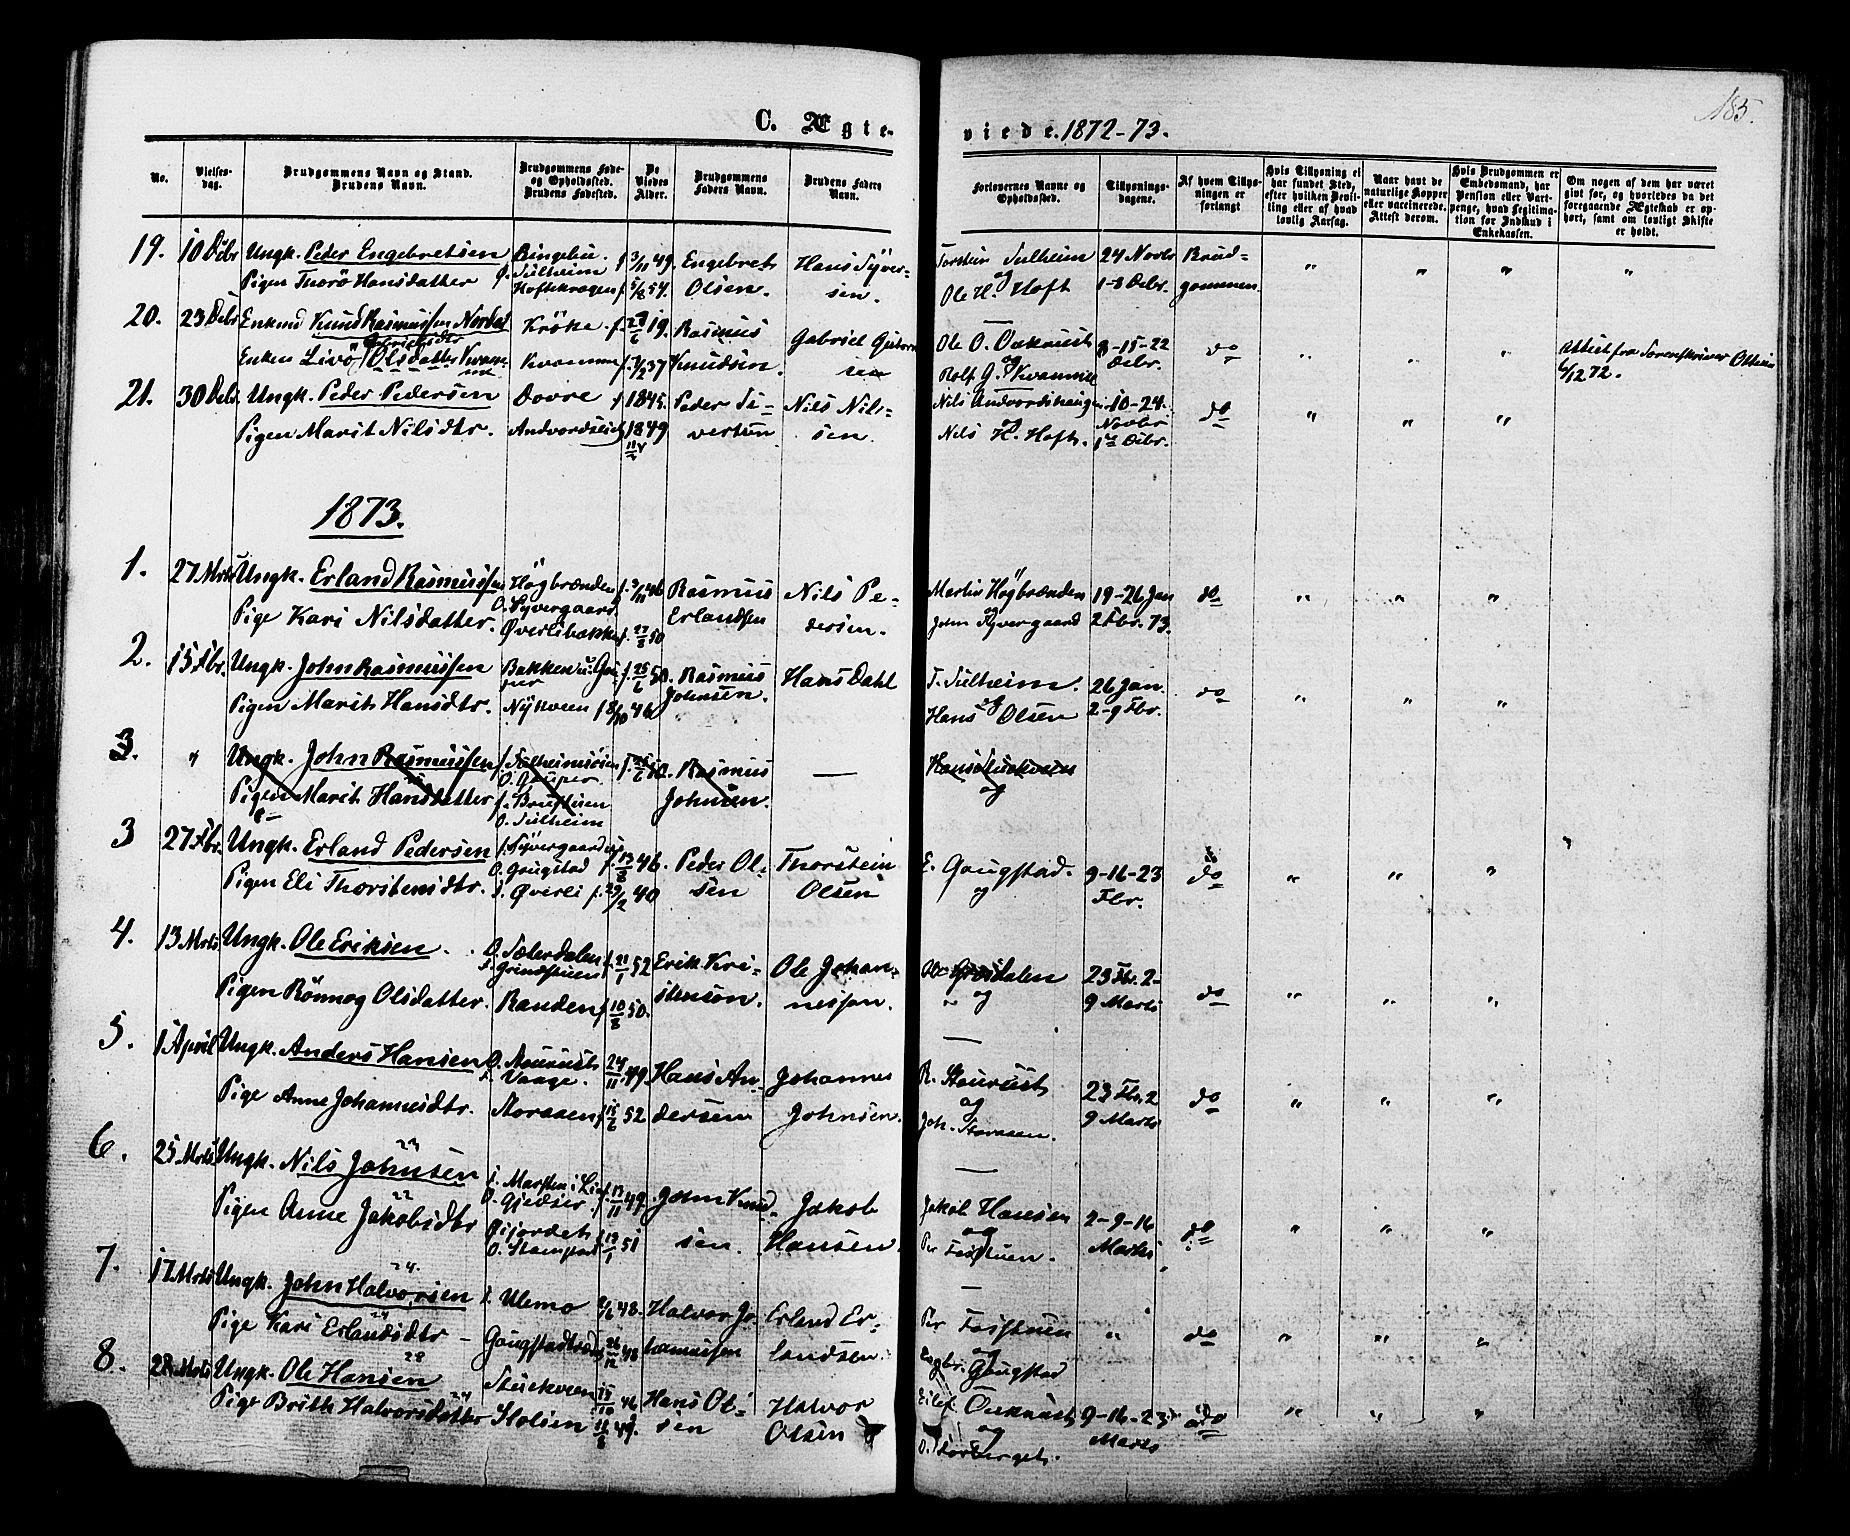 SAH, Lom prestekontor, K/L0007: Ministerialbok nr. 7, 1863-1884, s. 185